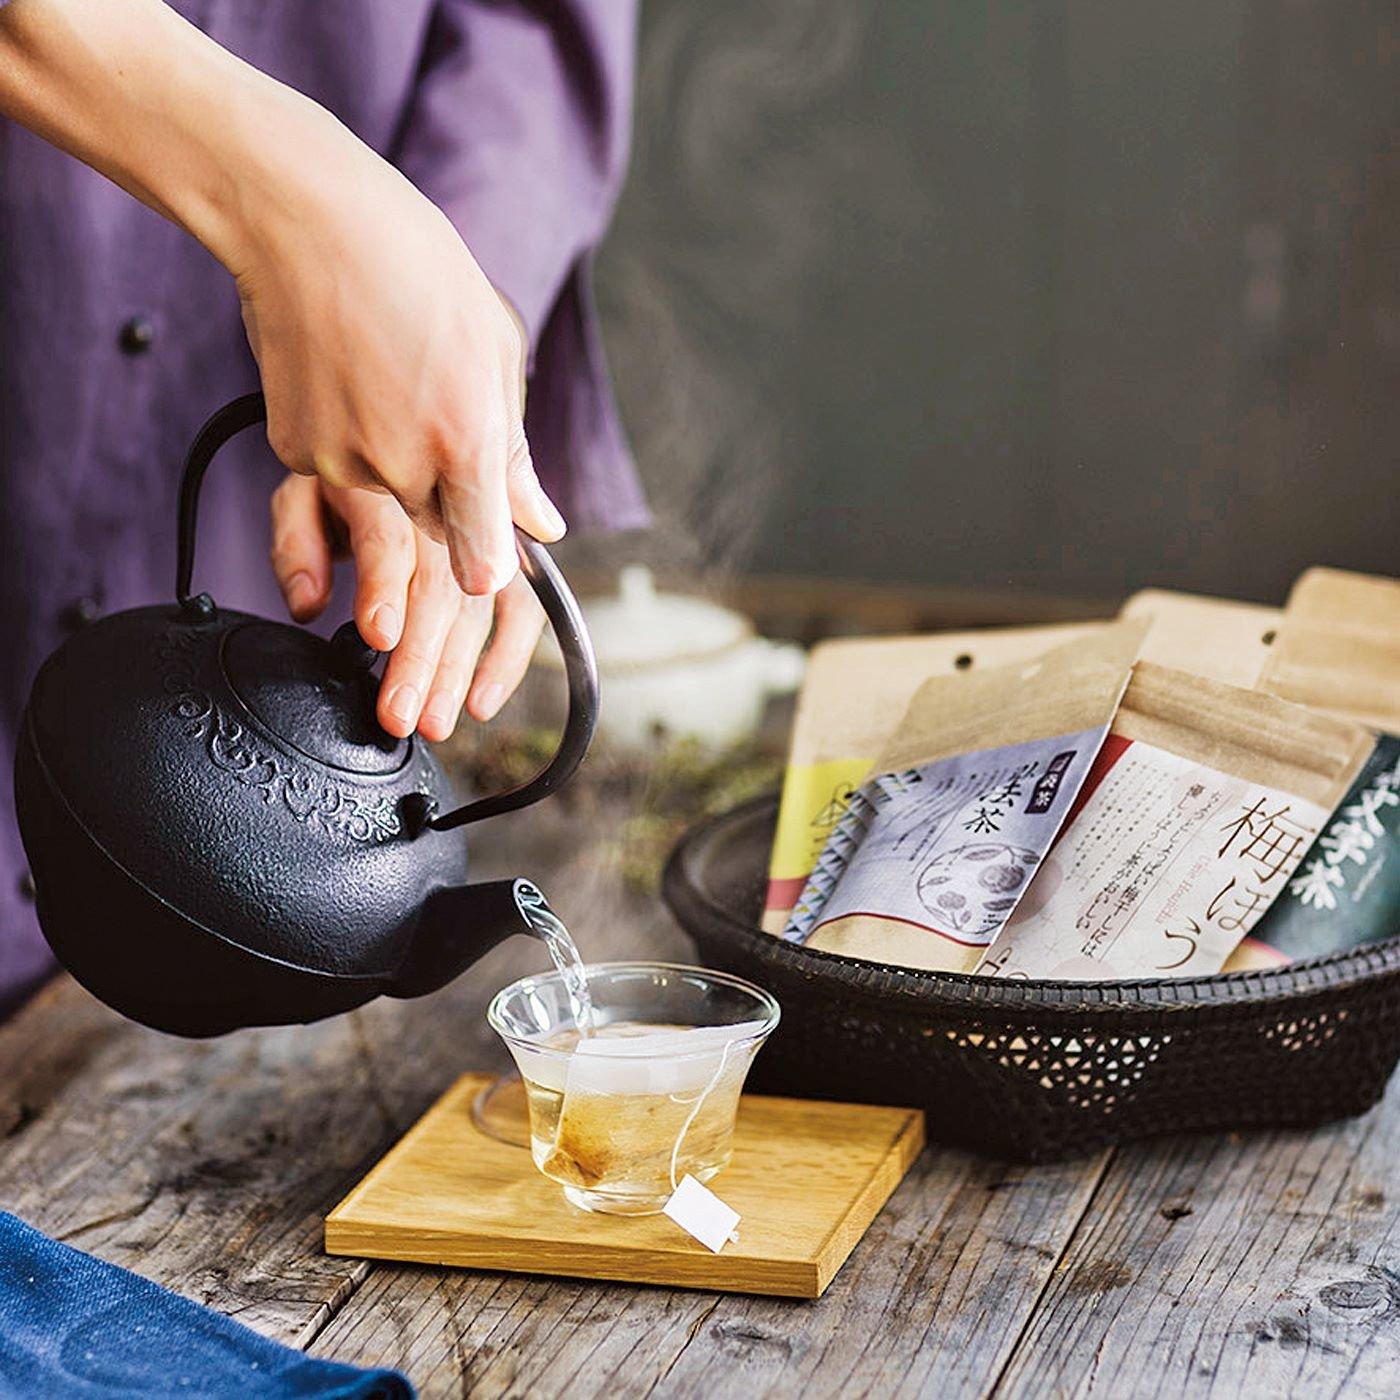 茶のみ仲間 袋茶日本紀行の会(12回予約)